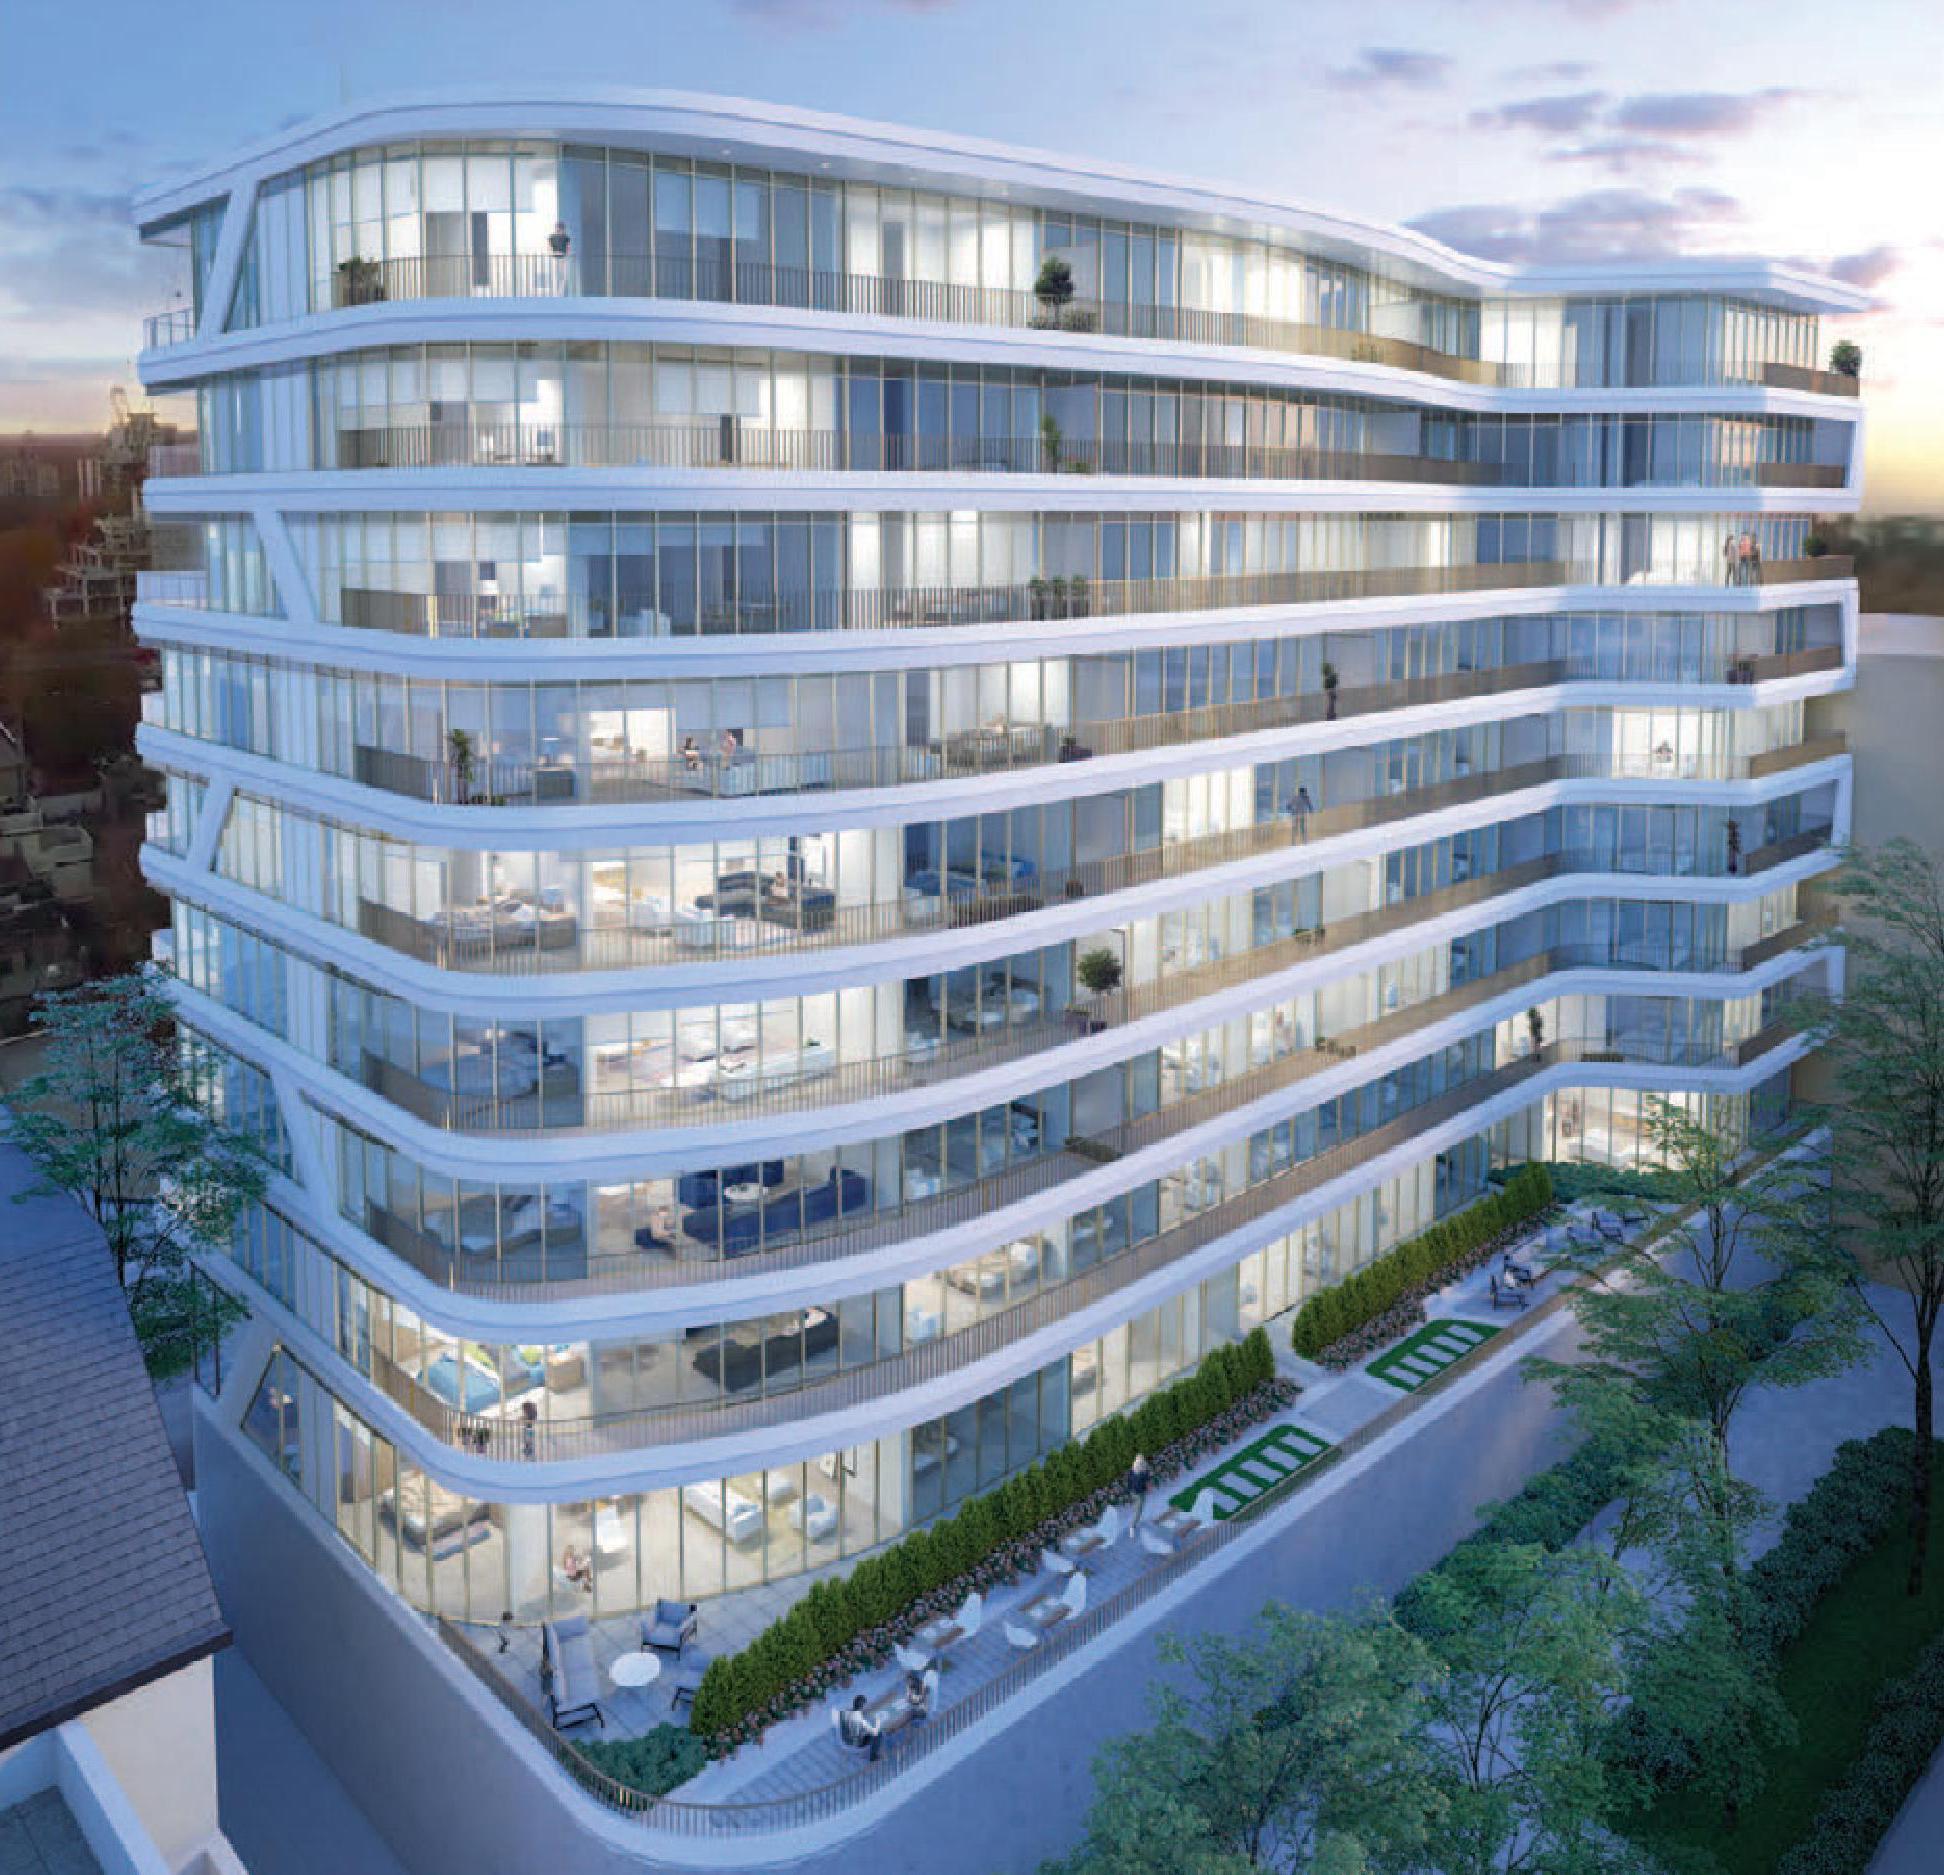 Avenue 151 Condos Exterior View Toronto, Canada